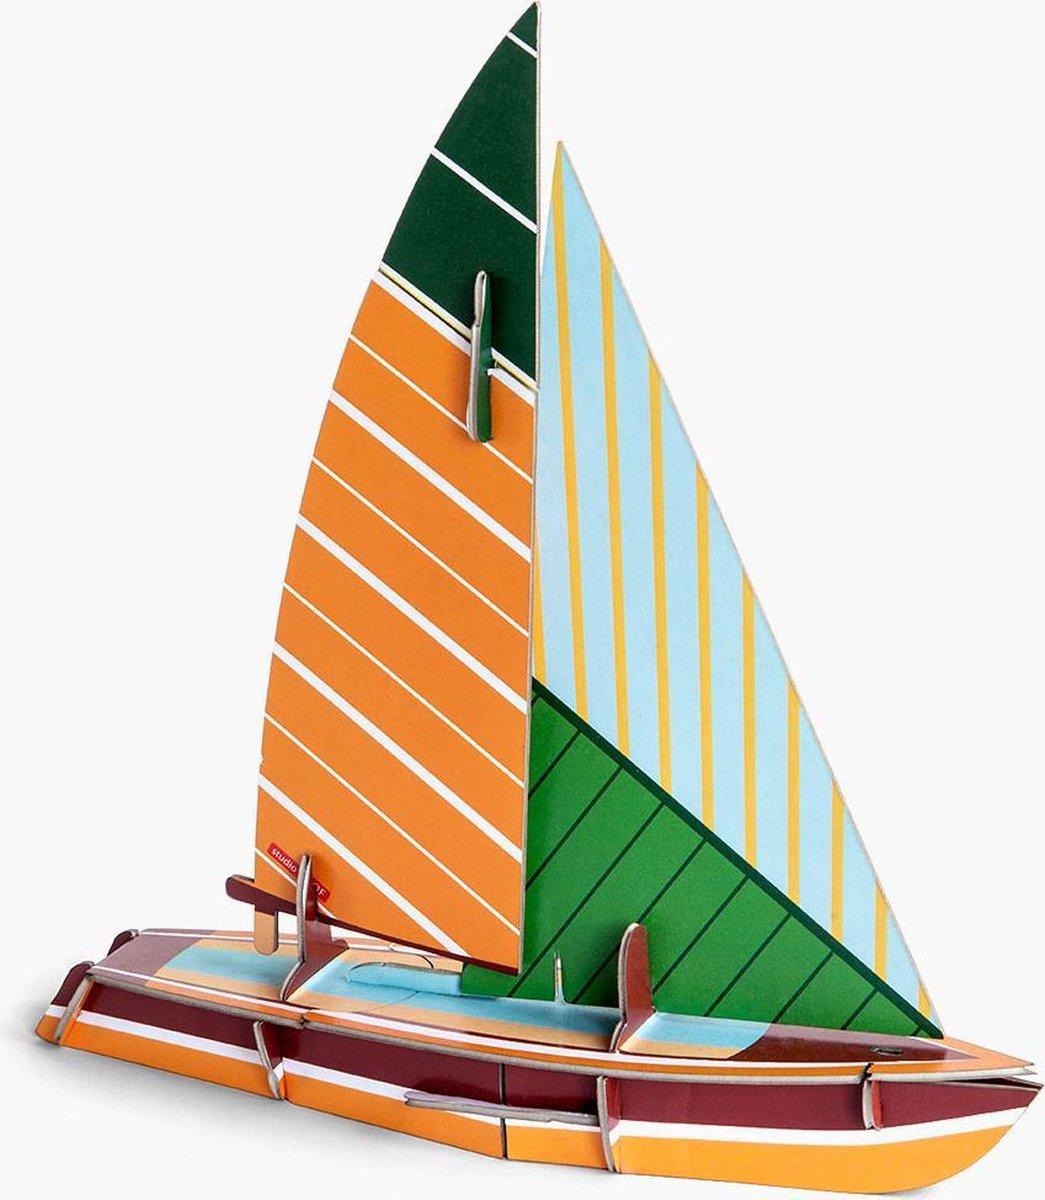 Cool Classic Sailboat - Studio Roof